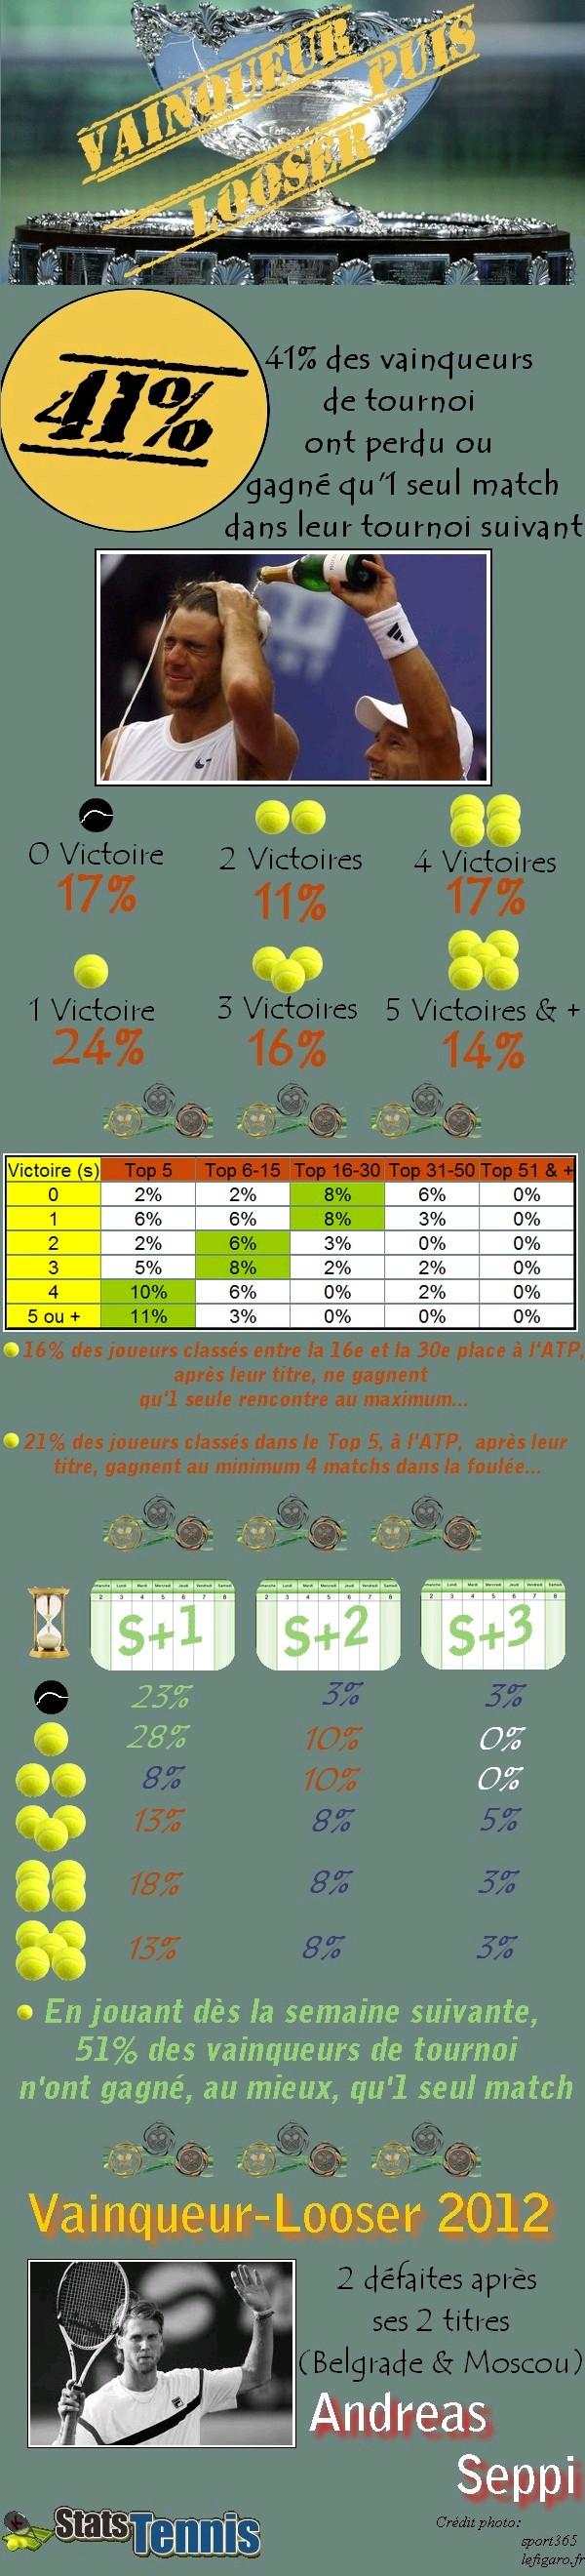 Statistiques sur les vainqueurs looser en 2012